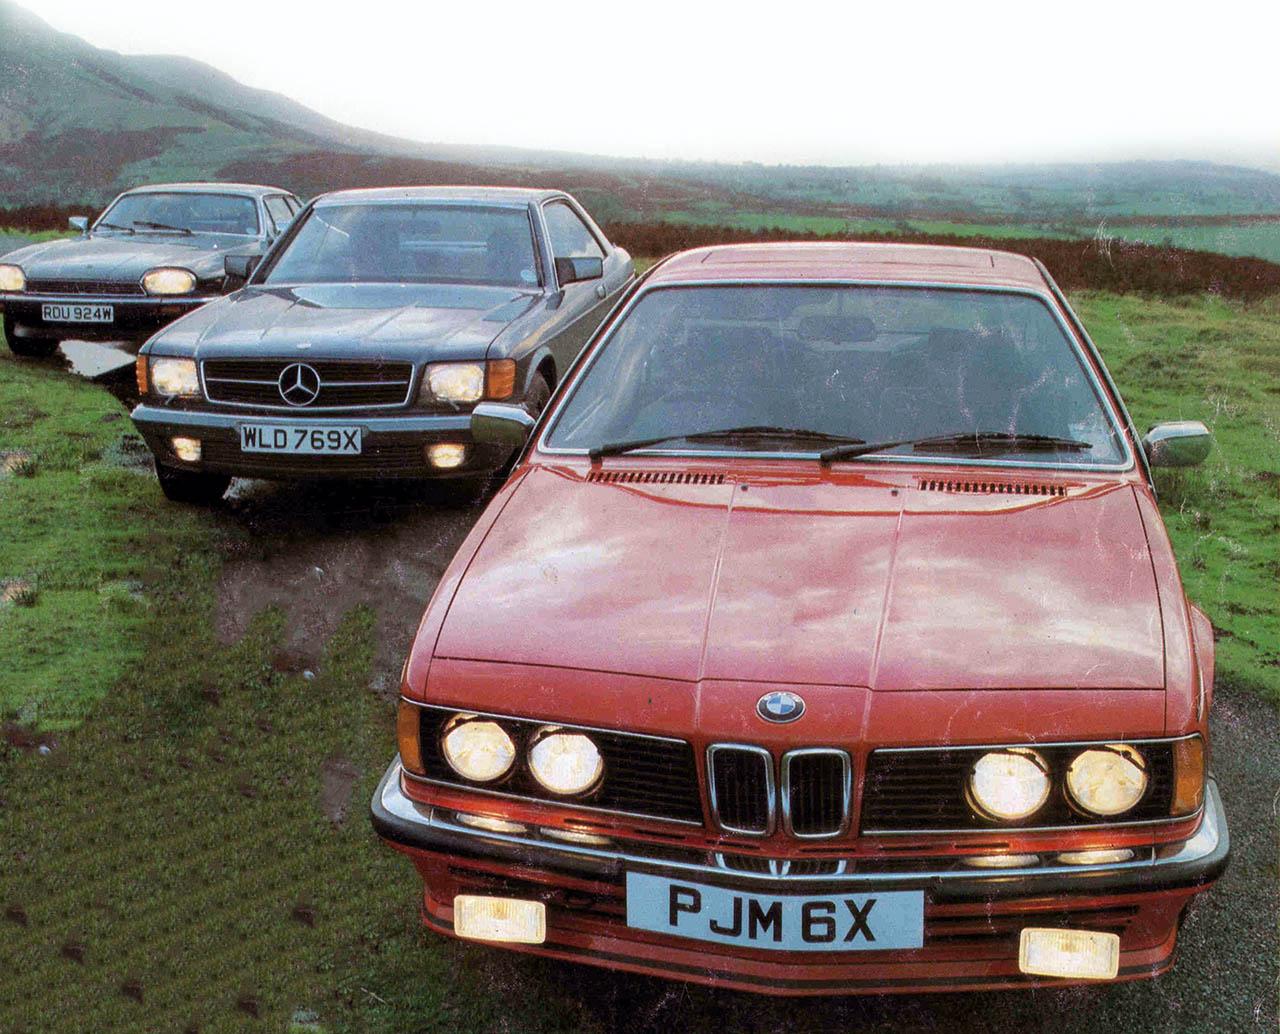 1983 BMW 635CSi E24 vs. Jaguar XJS HE and Mercedes-Benz 500SEC C126 - road  test